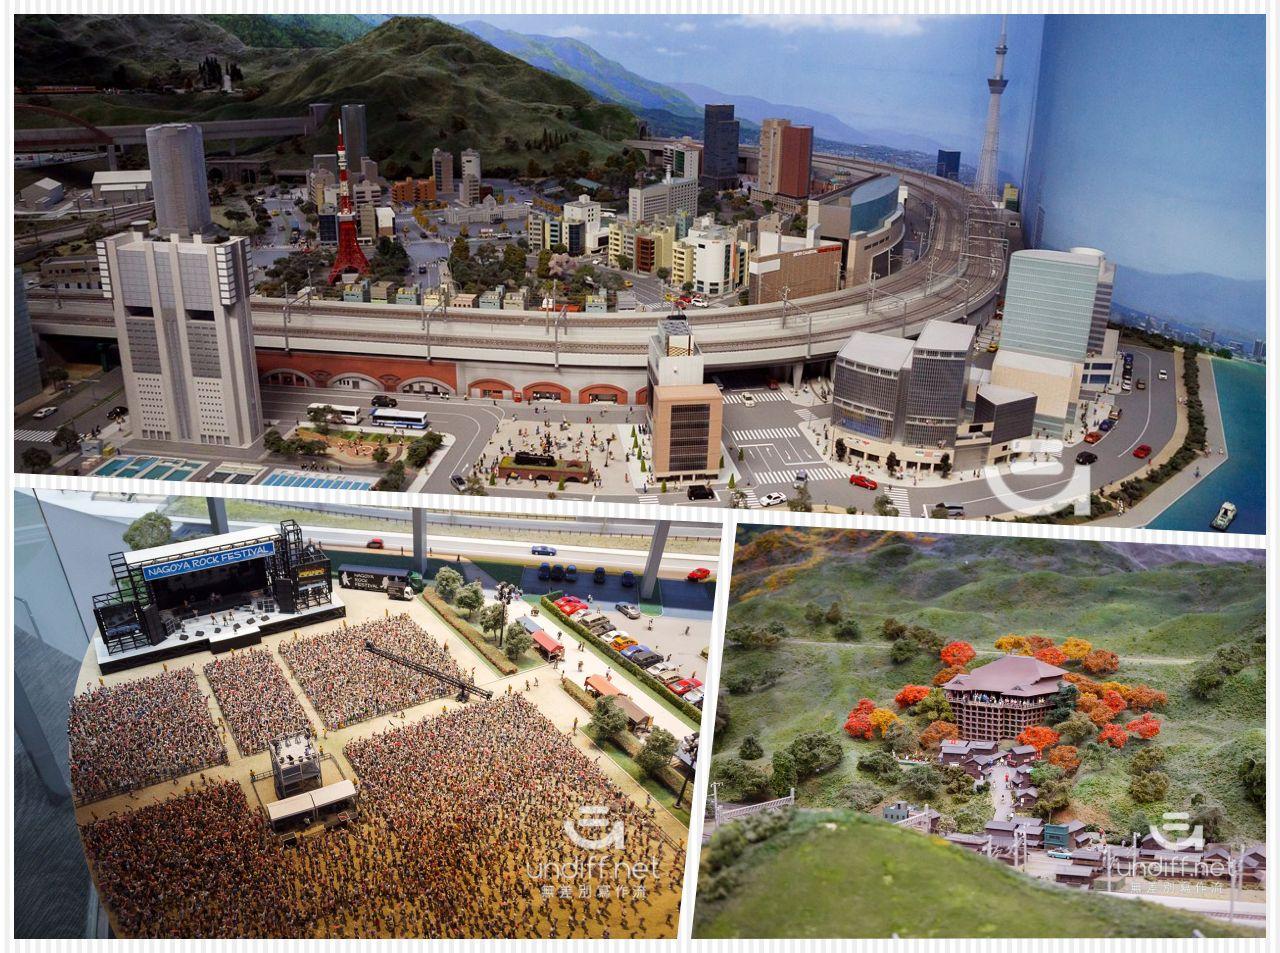 【名古屋景點】JR磁浮鐵道館 》體驗鐵道歷史與科技進步的軌跡 86